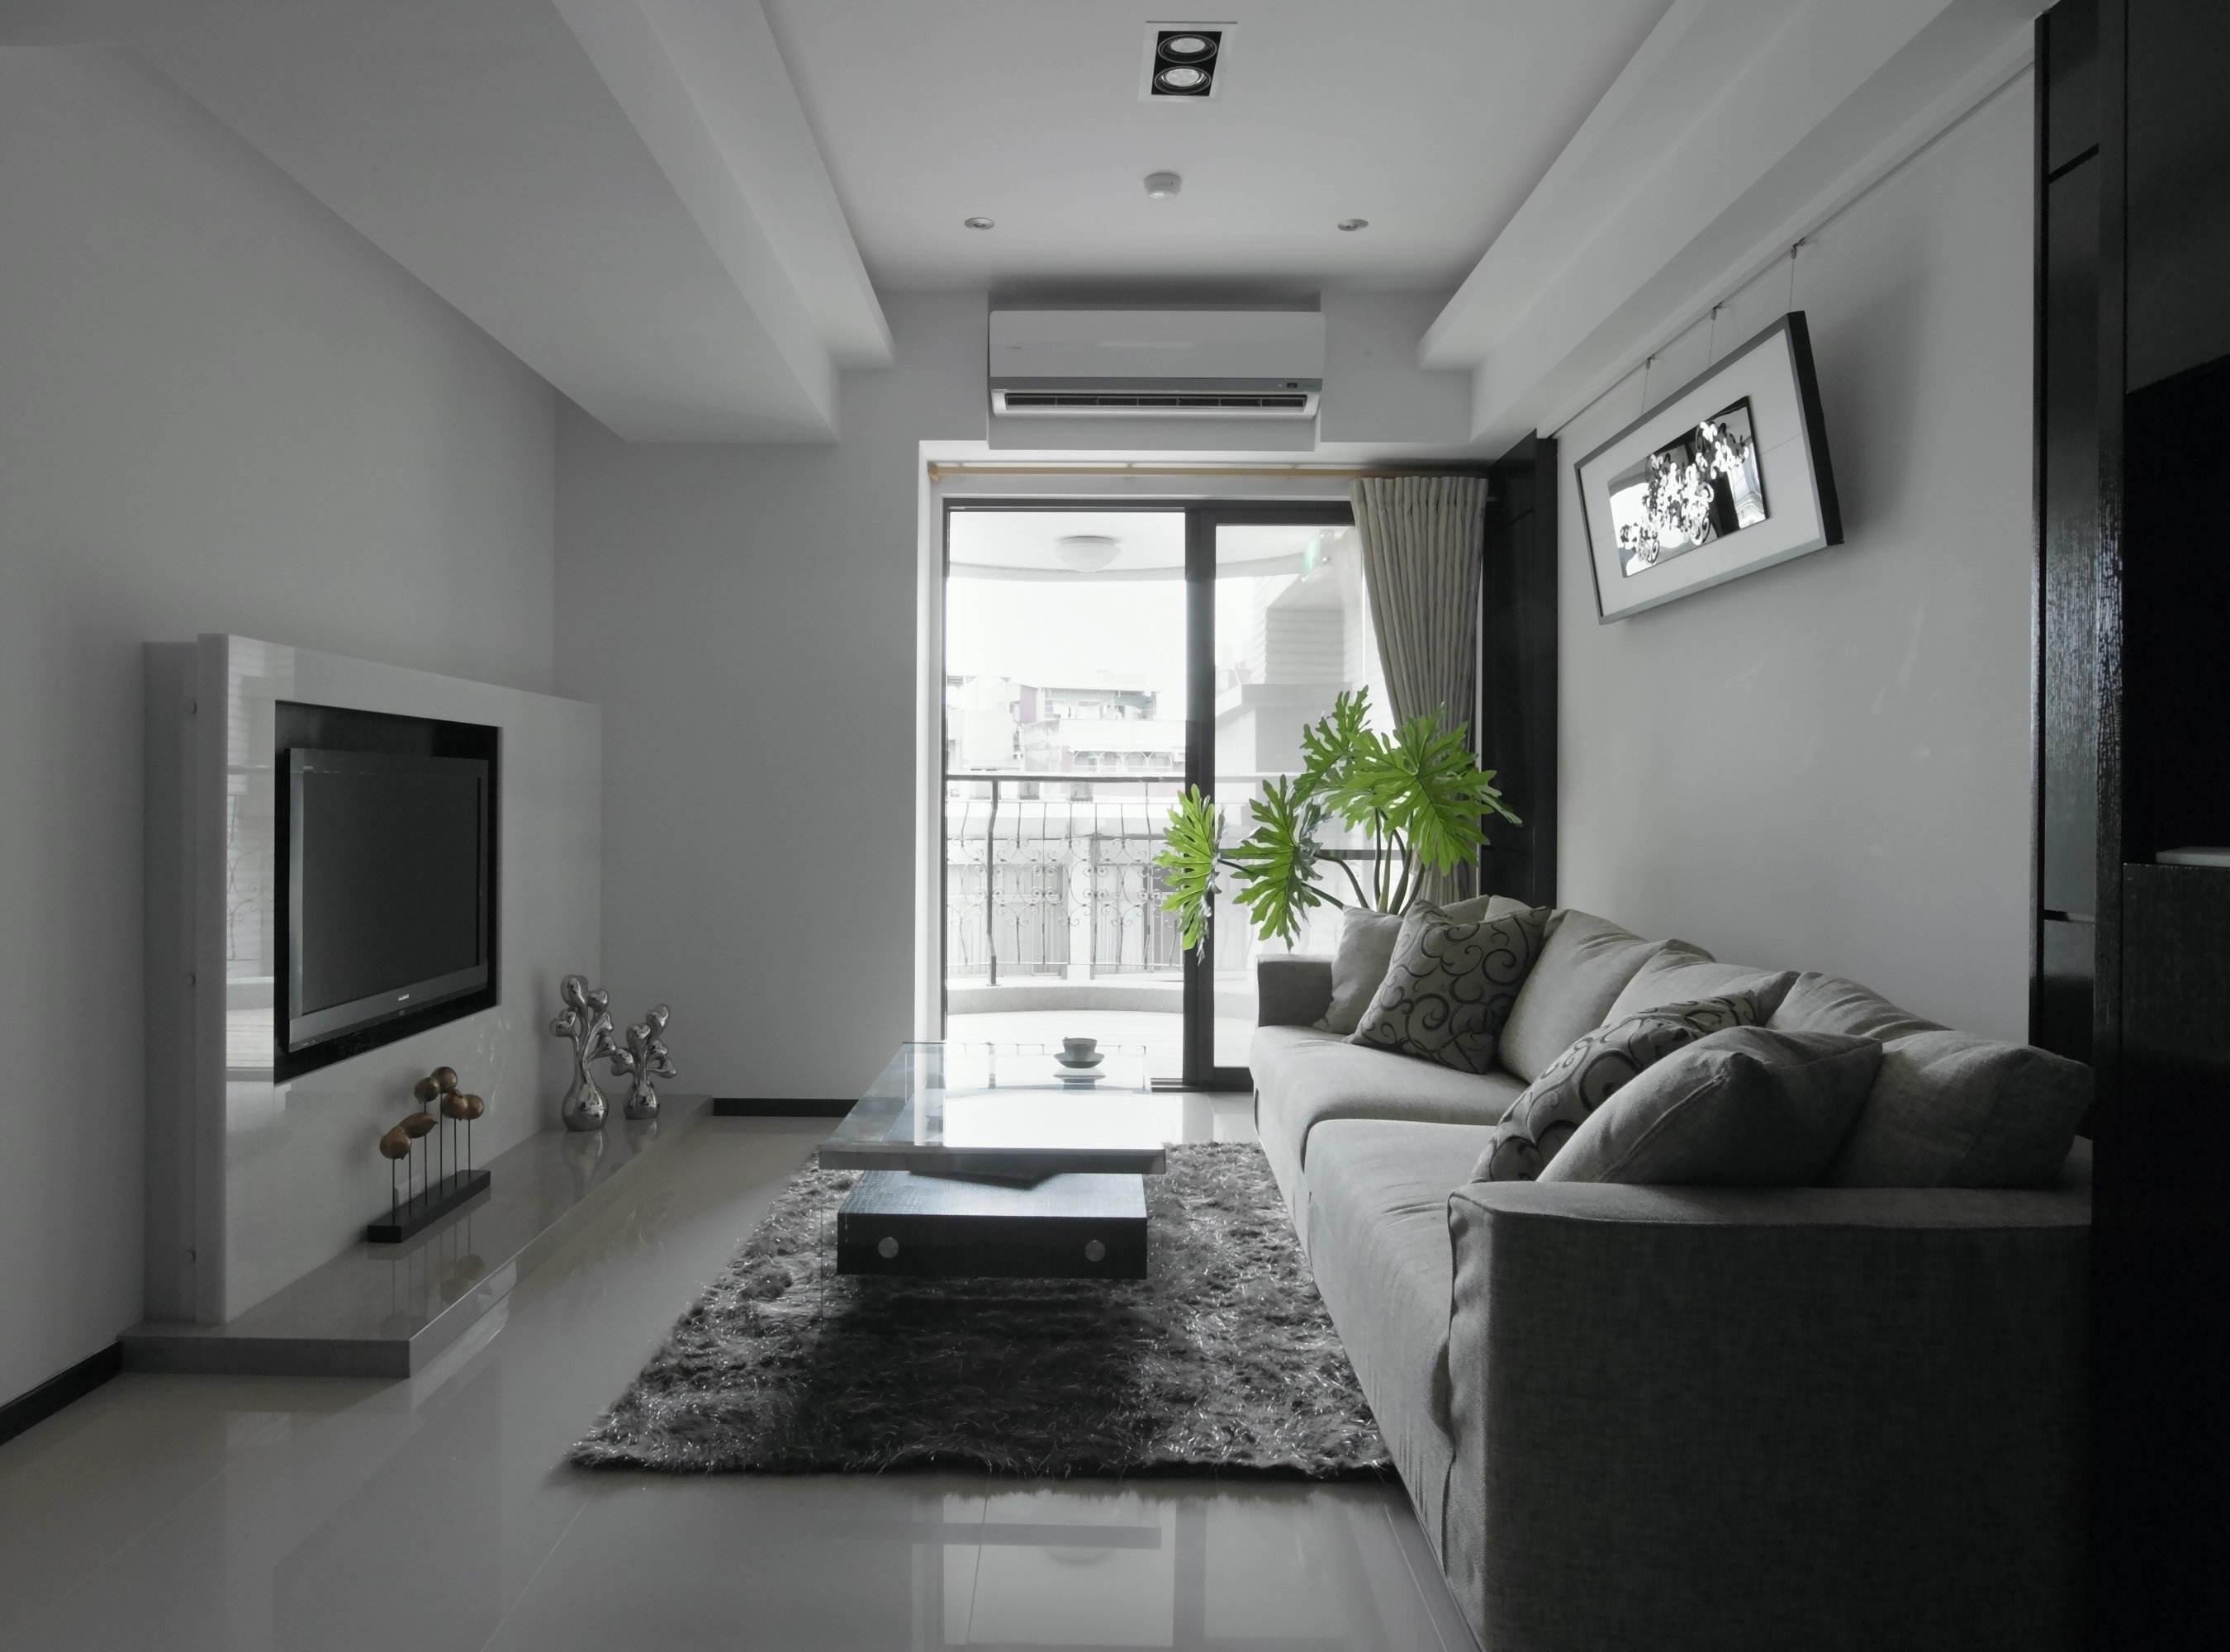 现代简约设计客厅装修效果图